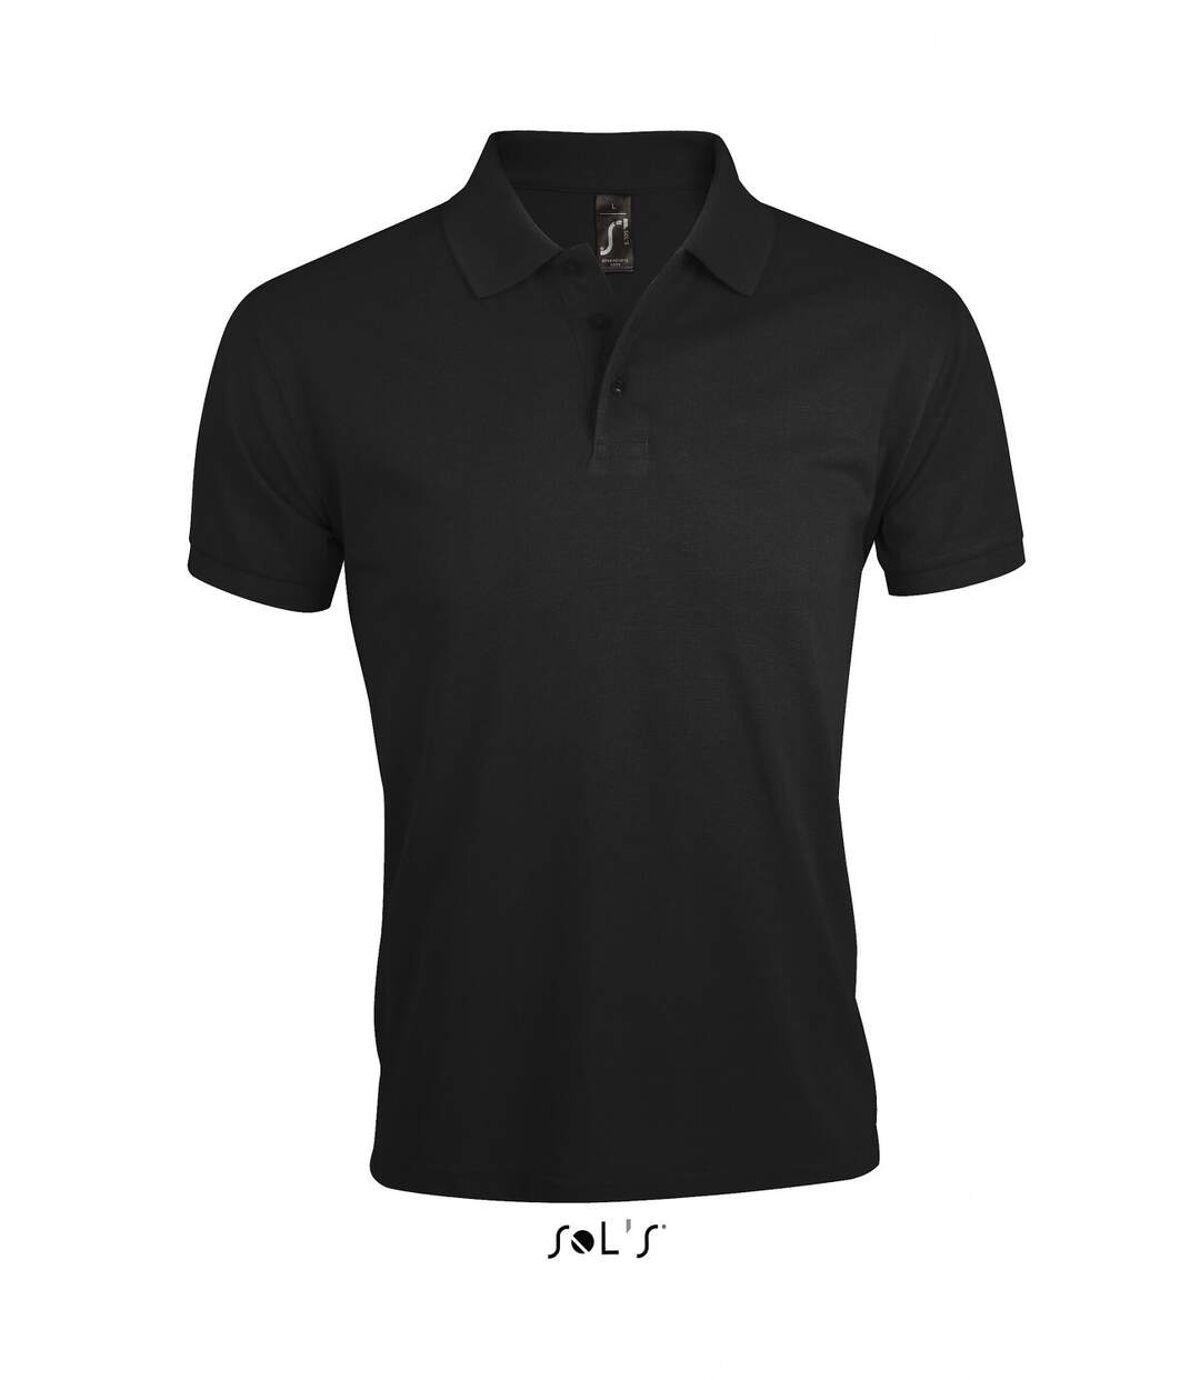 Polo homme polycoton - 00571 - noir